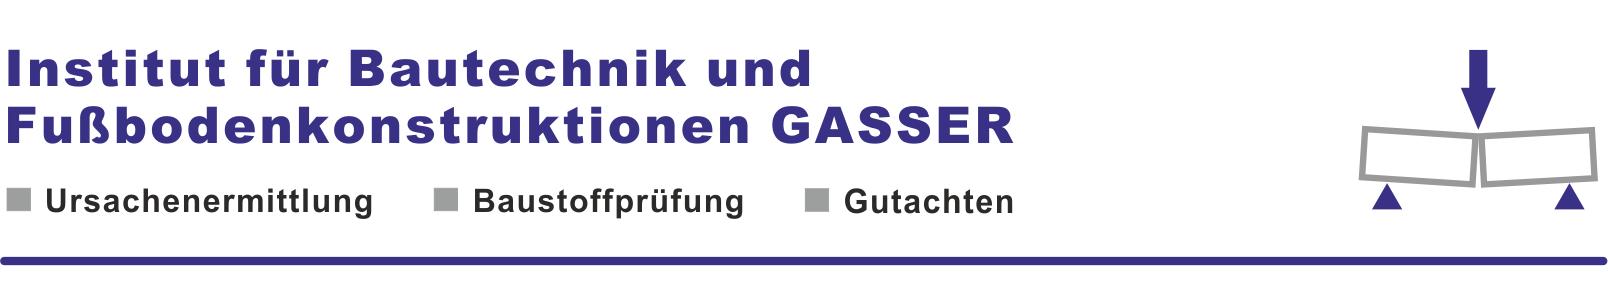 Institut für Bautechnik und Fußbodenkonstruktionen GASSER